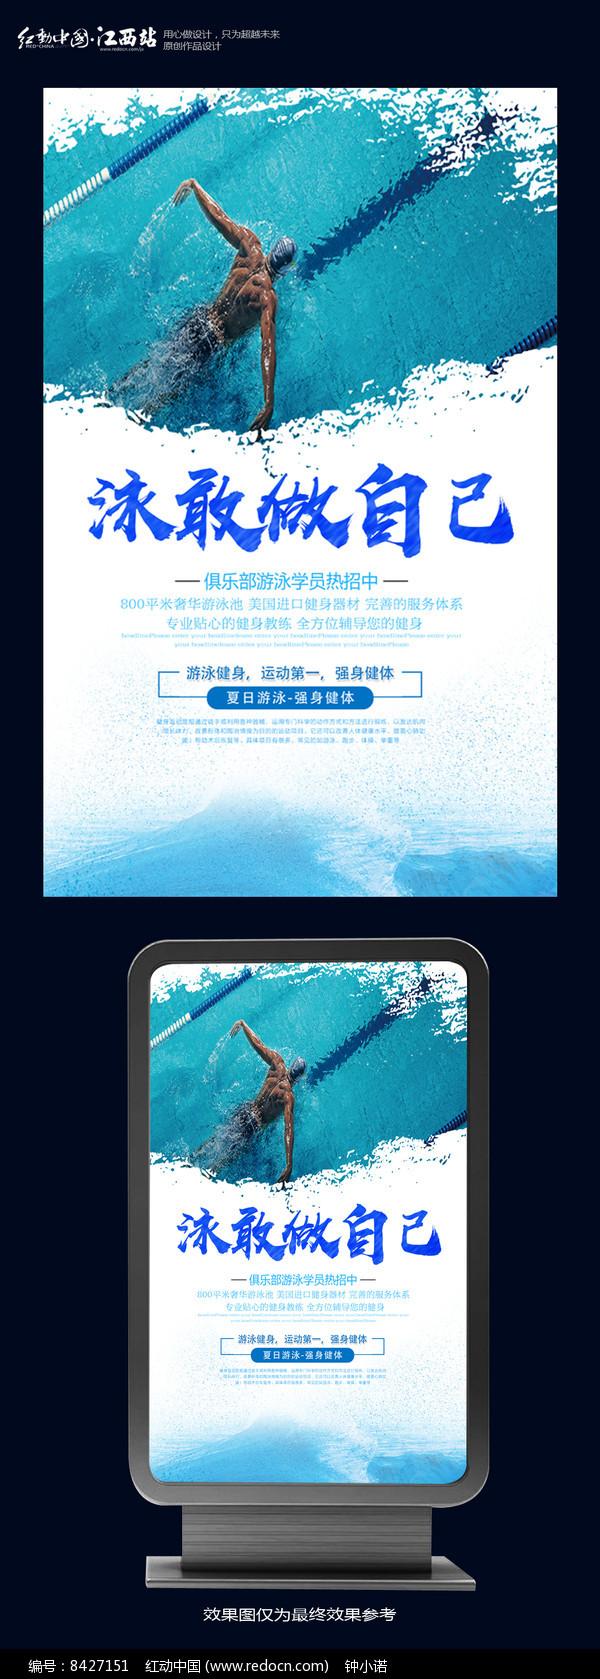 游泳宣传海报设计图片